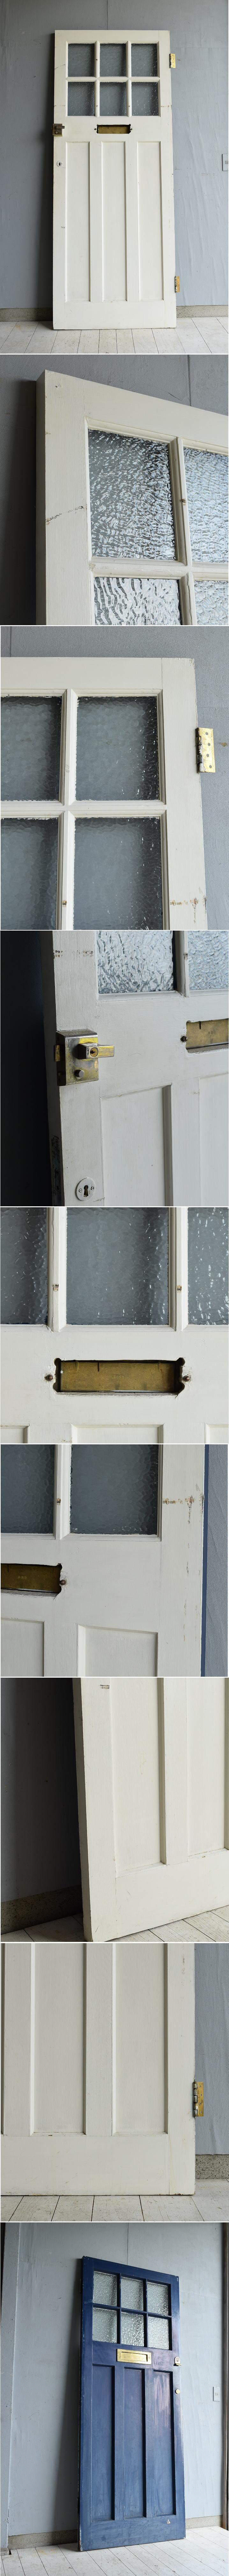 イギリス アンティーク ガラス入り木製ドア 扉 ディスプレイ 建具 7195